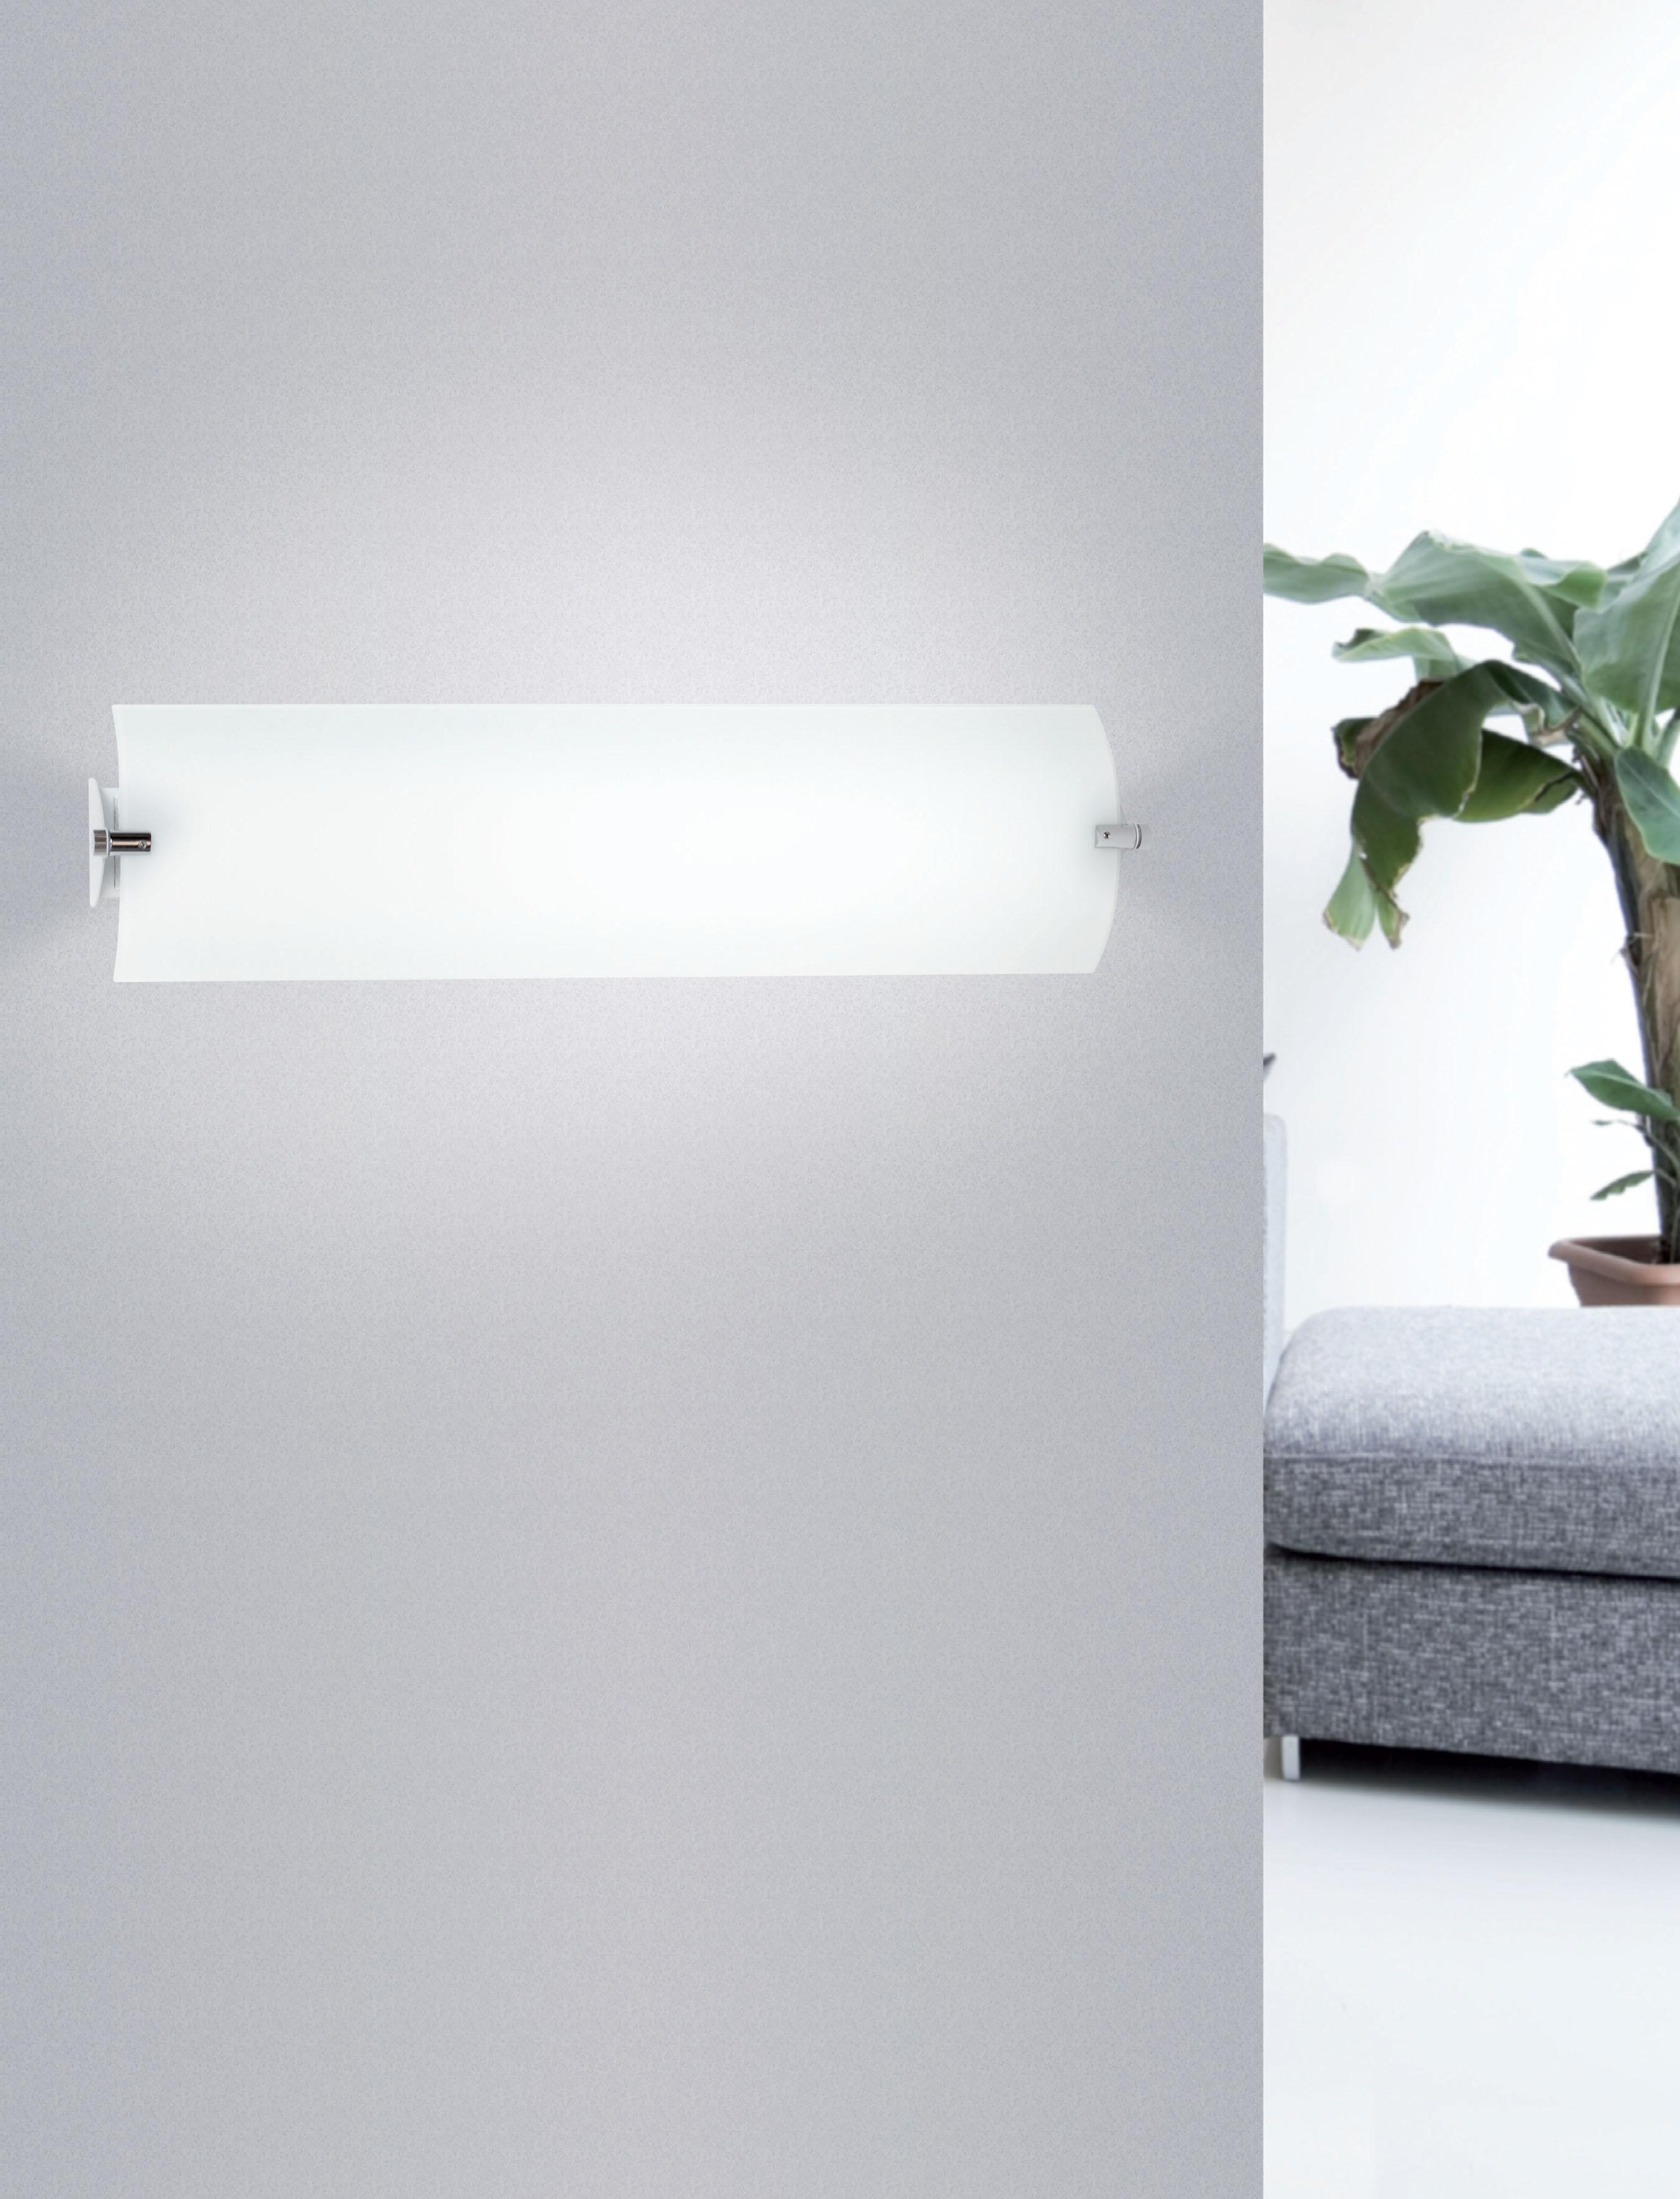 Sikrea lampada da parete e da soffitto moove/m es   notali lampadari